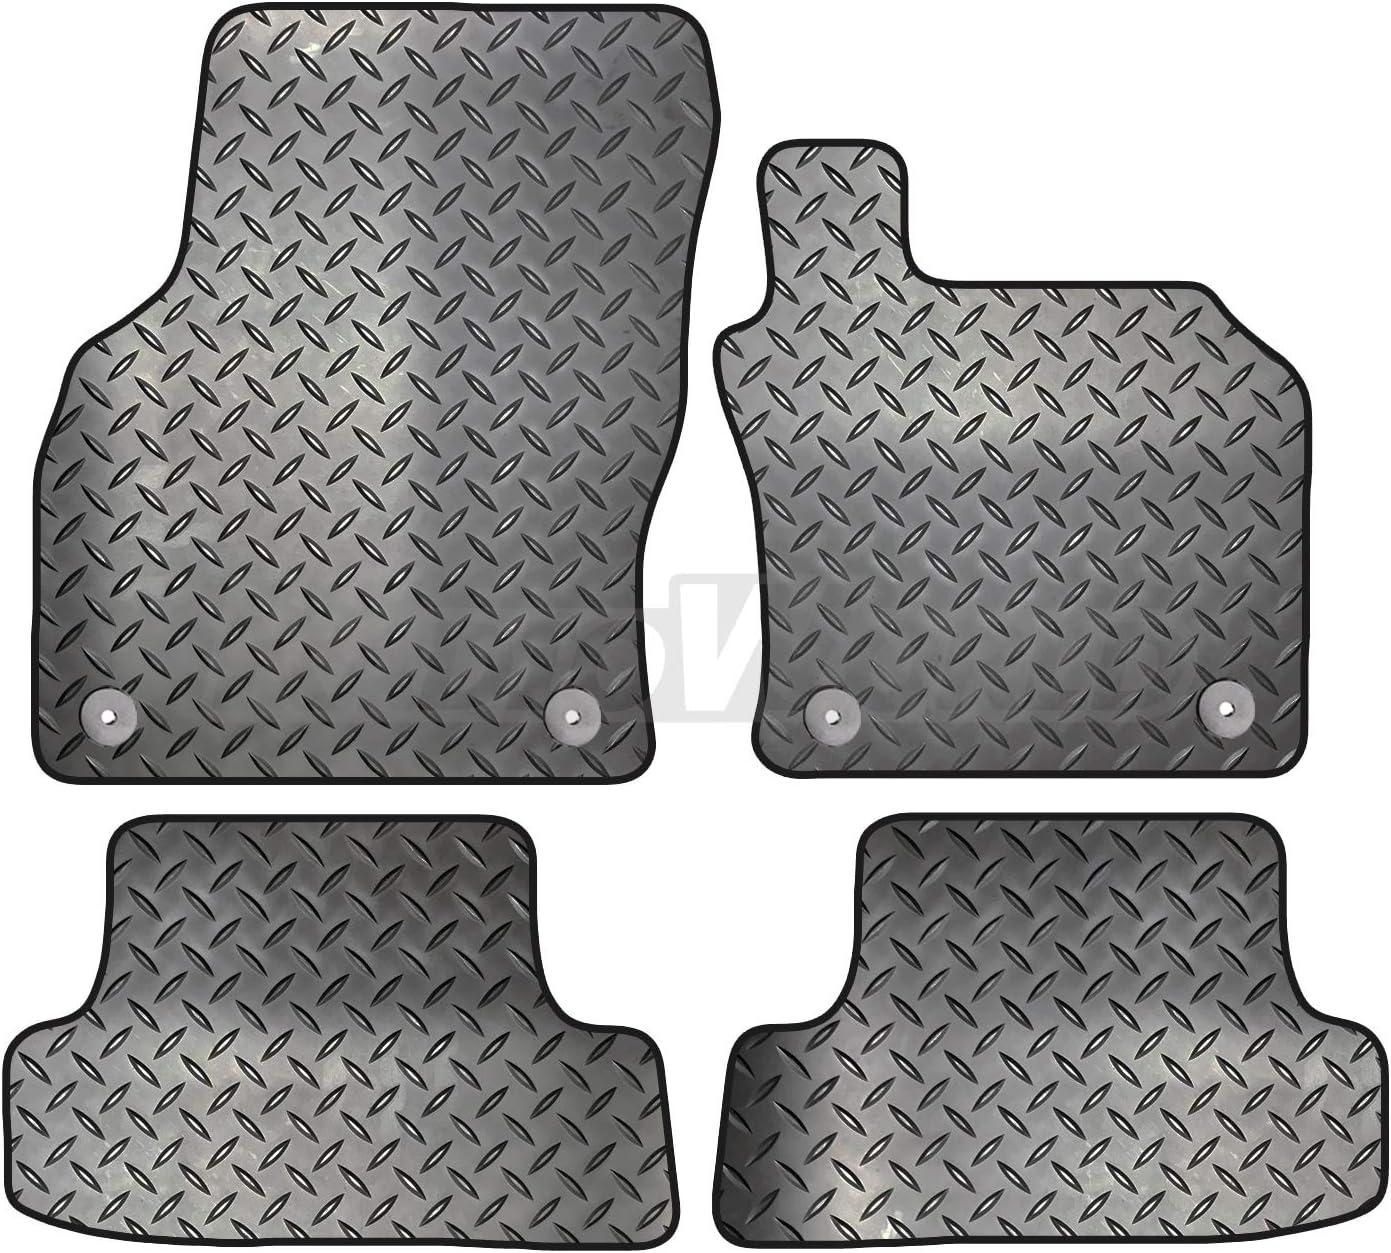 Kia Sportage dal 2010 al 2016 Carsio ZCUT-2223- 40 x 3 3 clip rotonde per adattarsi nero set di tappetini per auto in gomma